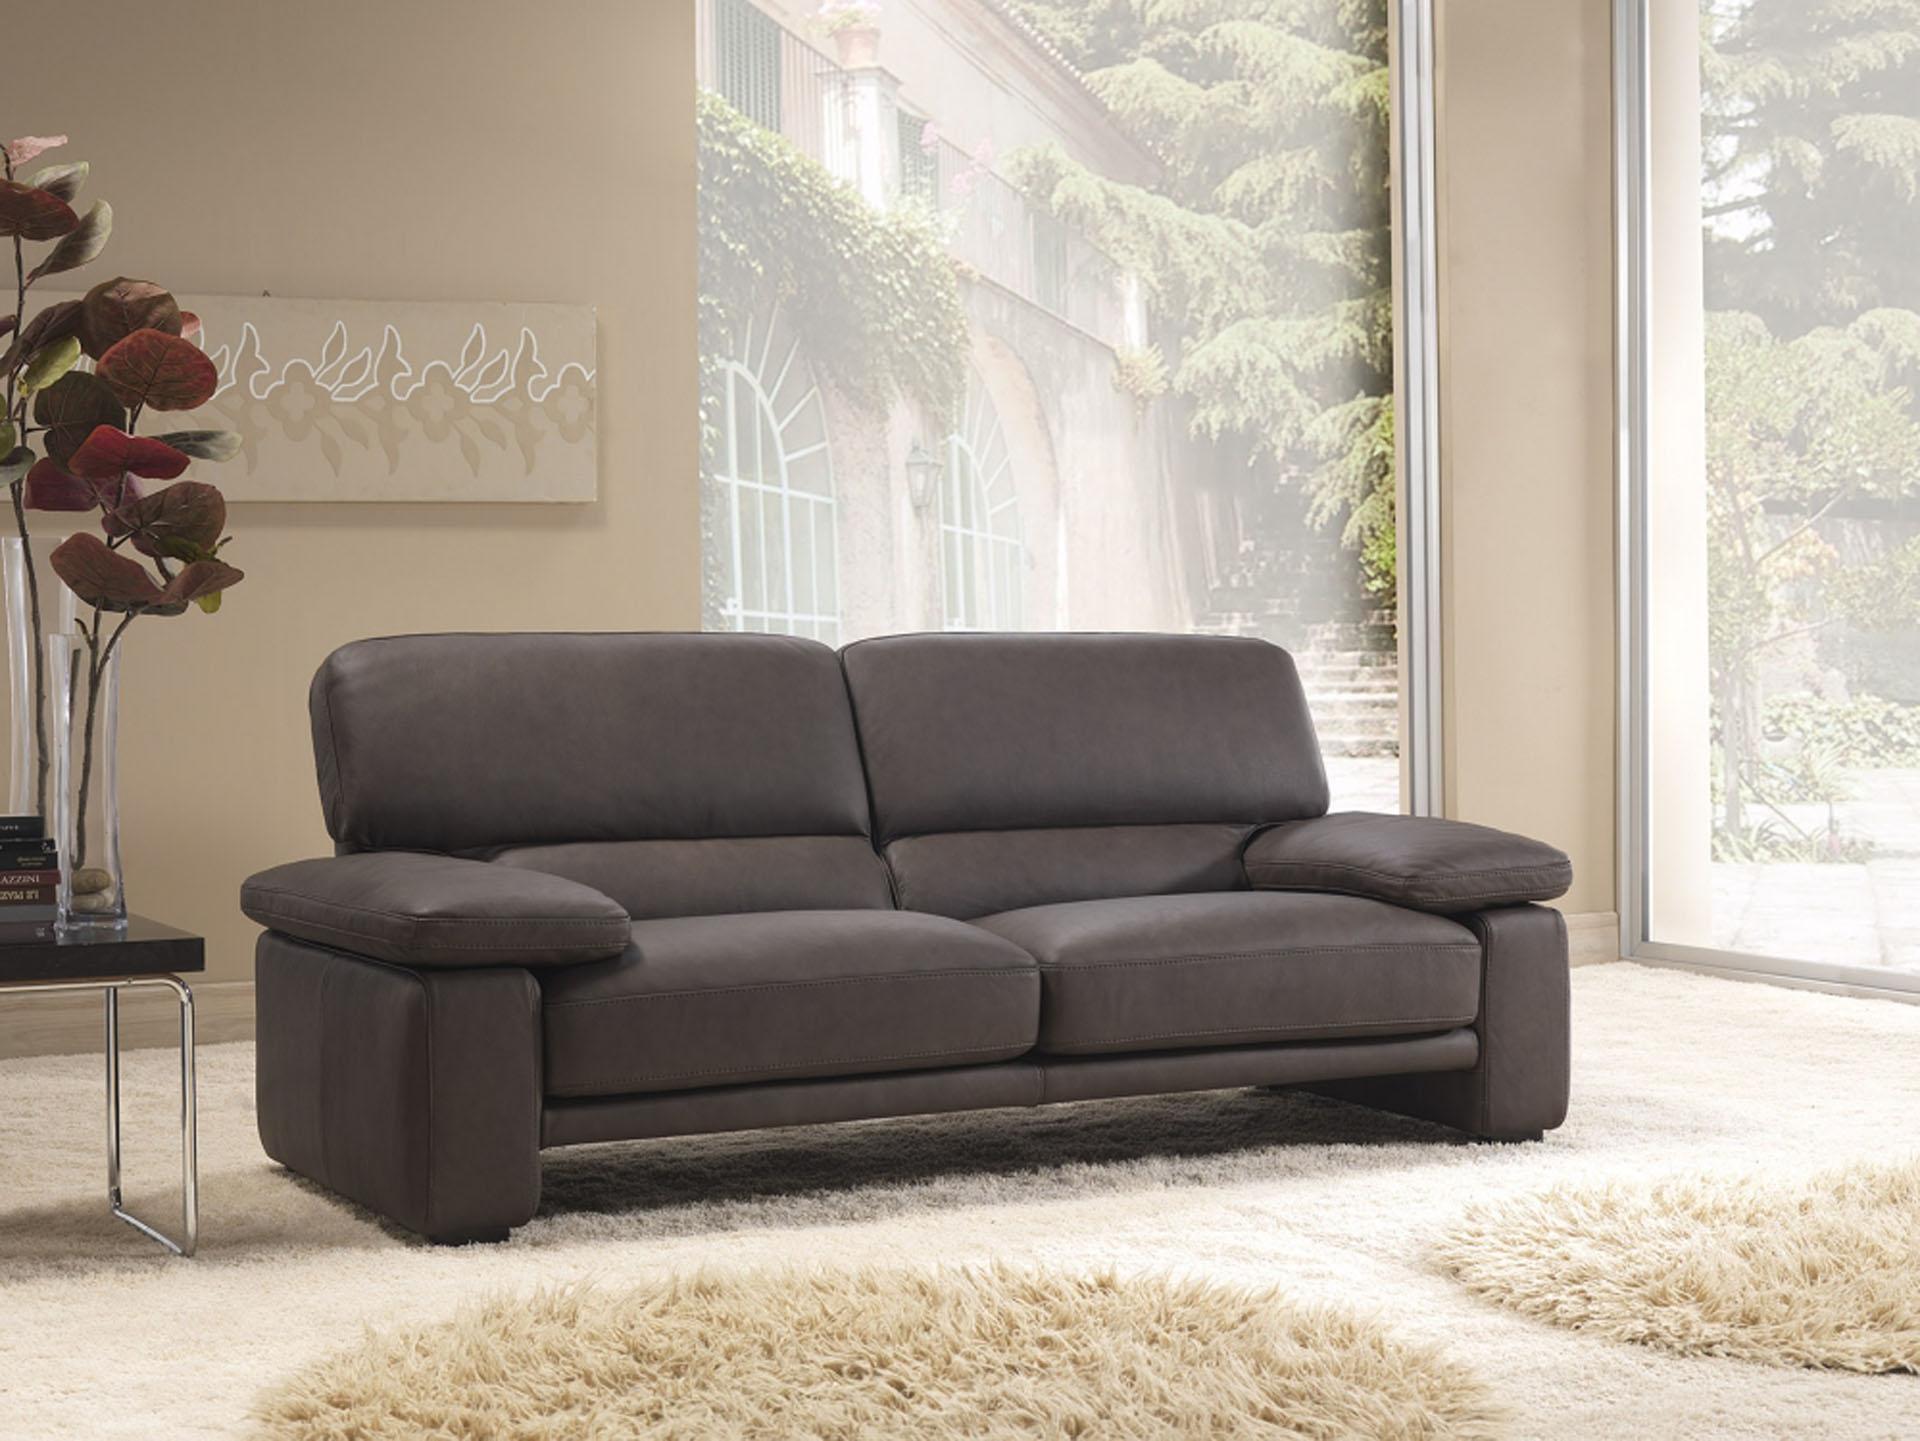 Sofa da bò Ý – sofa da Satis, công ty bọc da hiện diện tại 31 nước trên Thế Giới